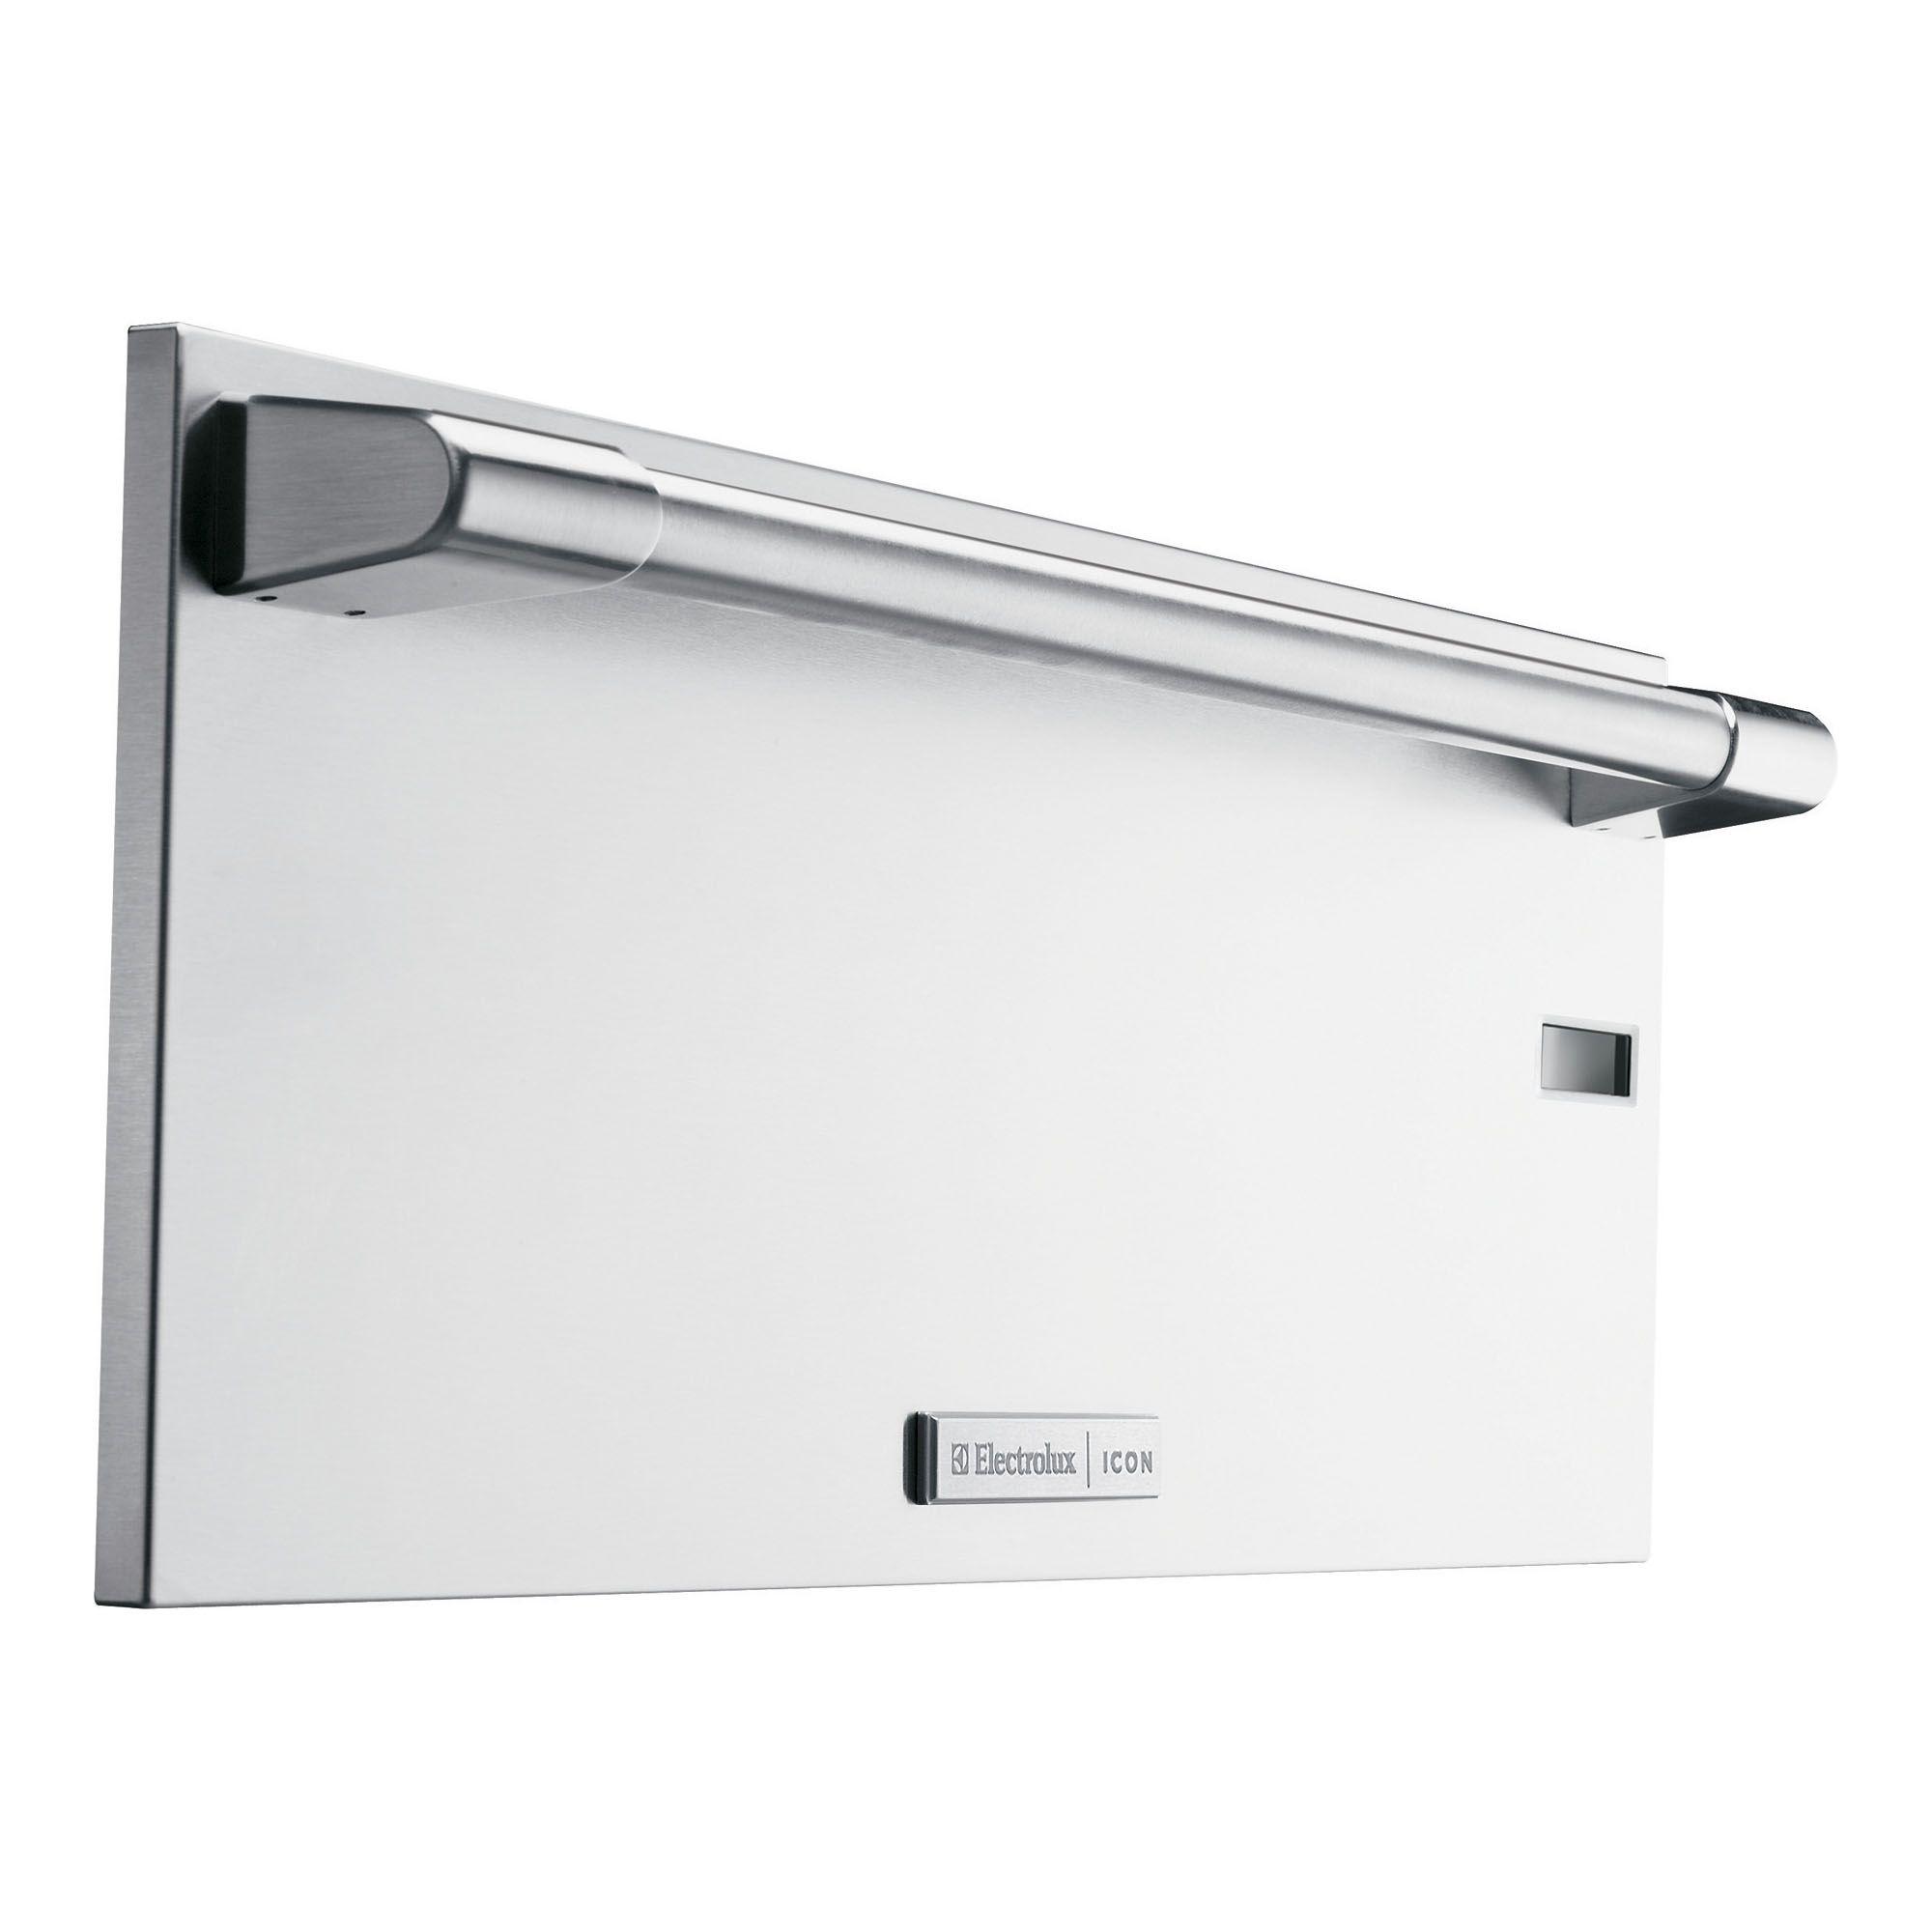 """Electrolux ICON 30"""" Warming Drawer"""